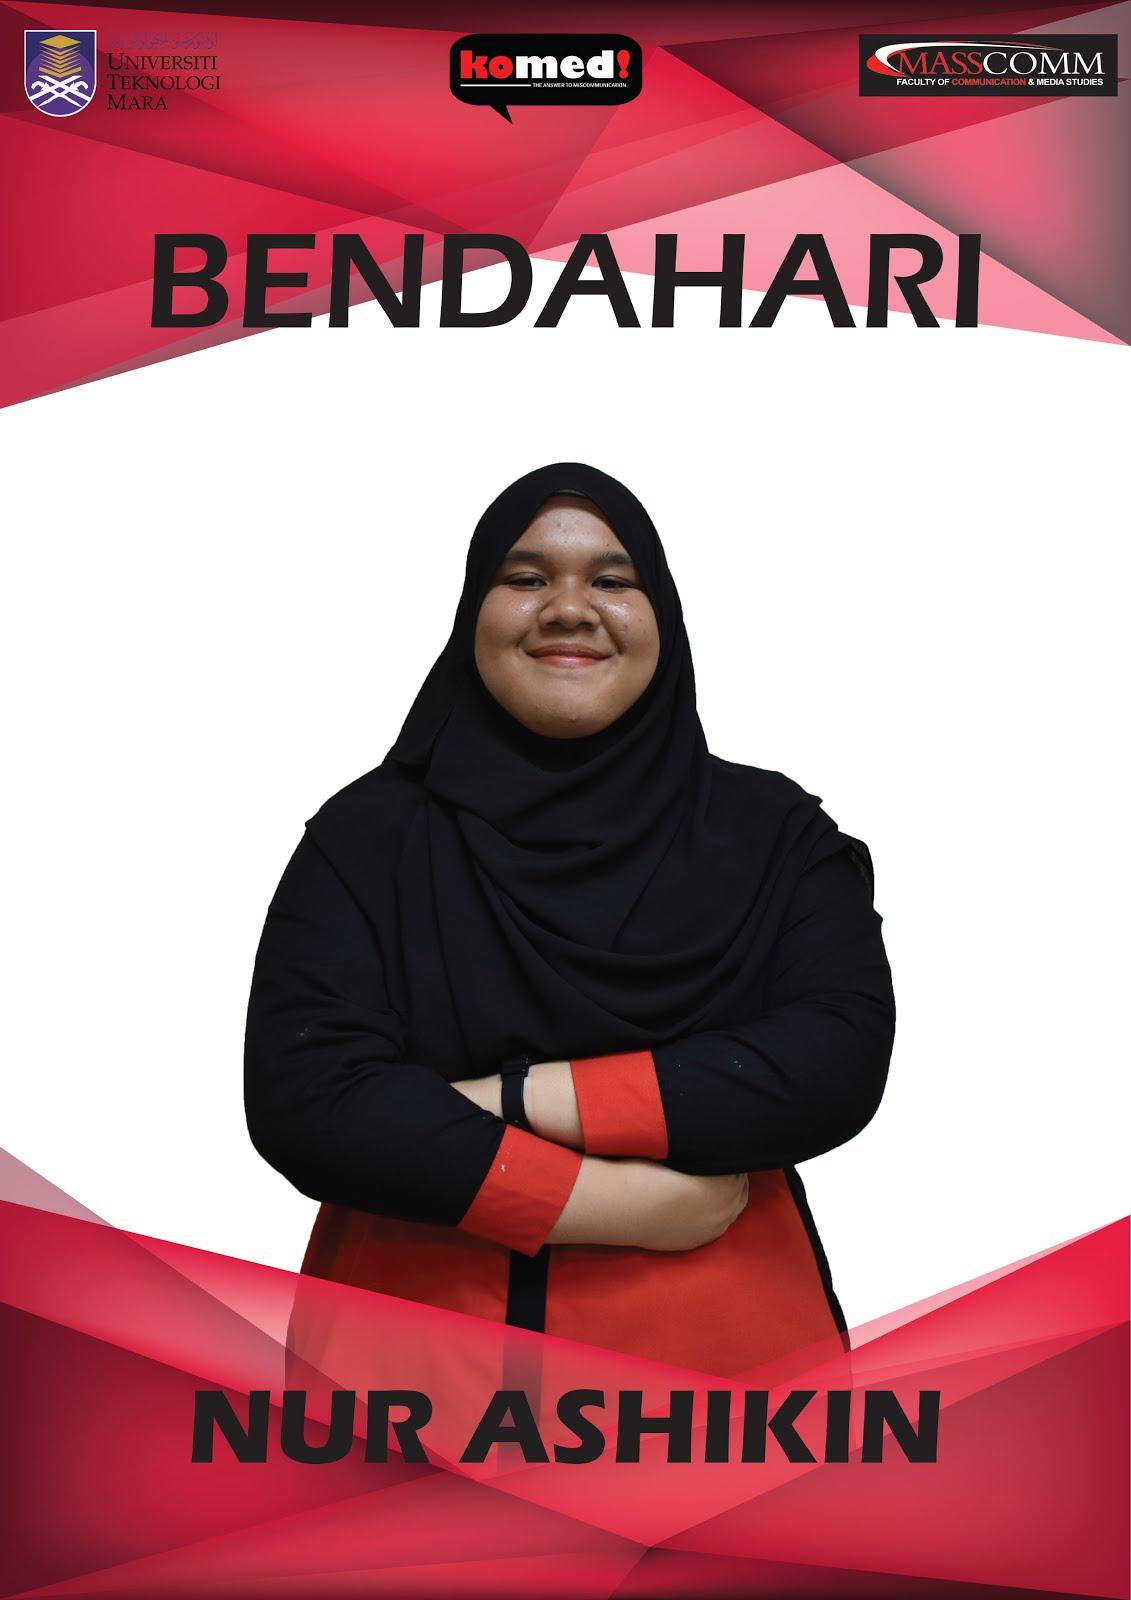 BENDAHARI